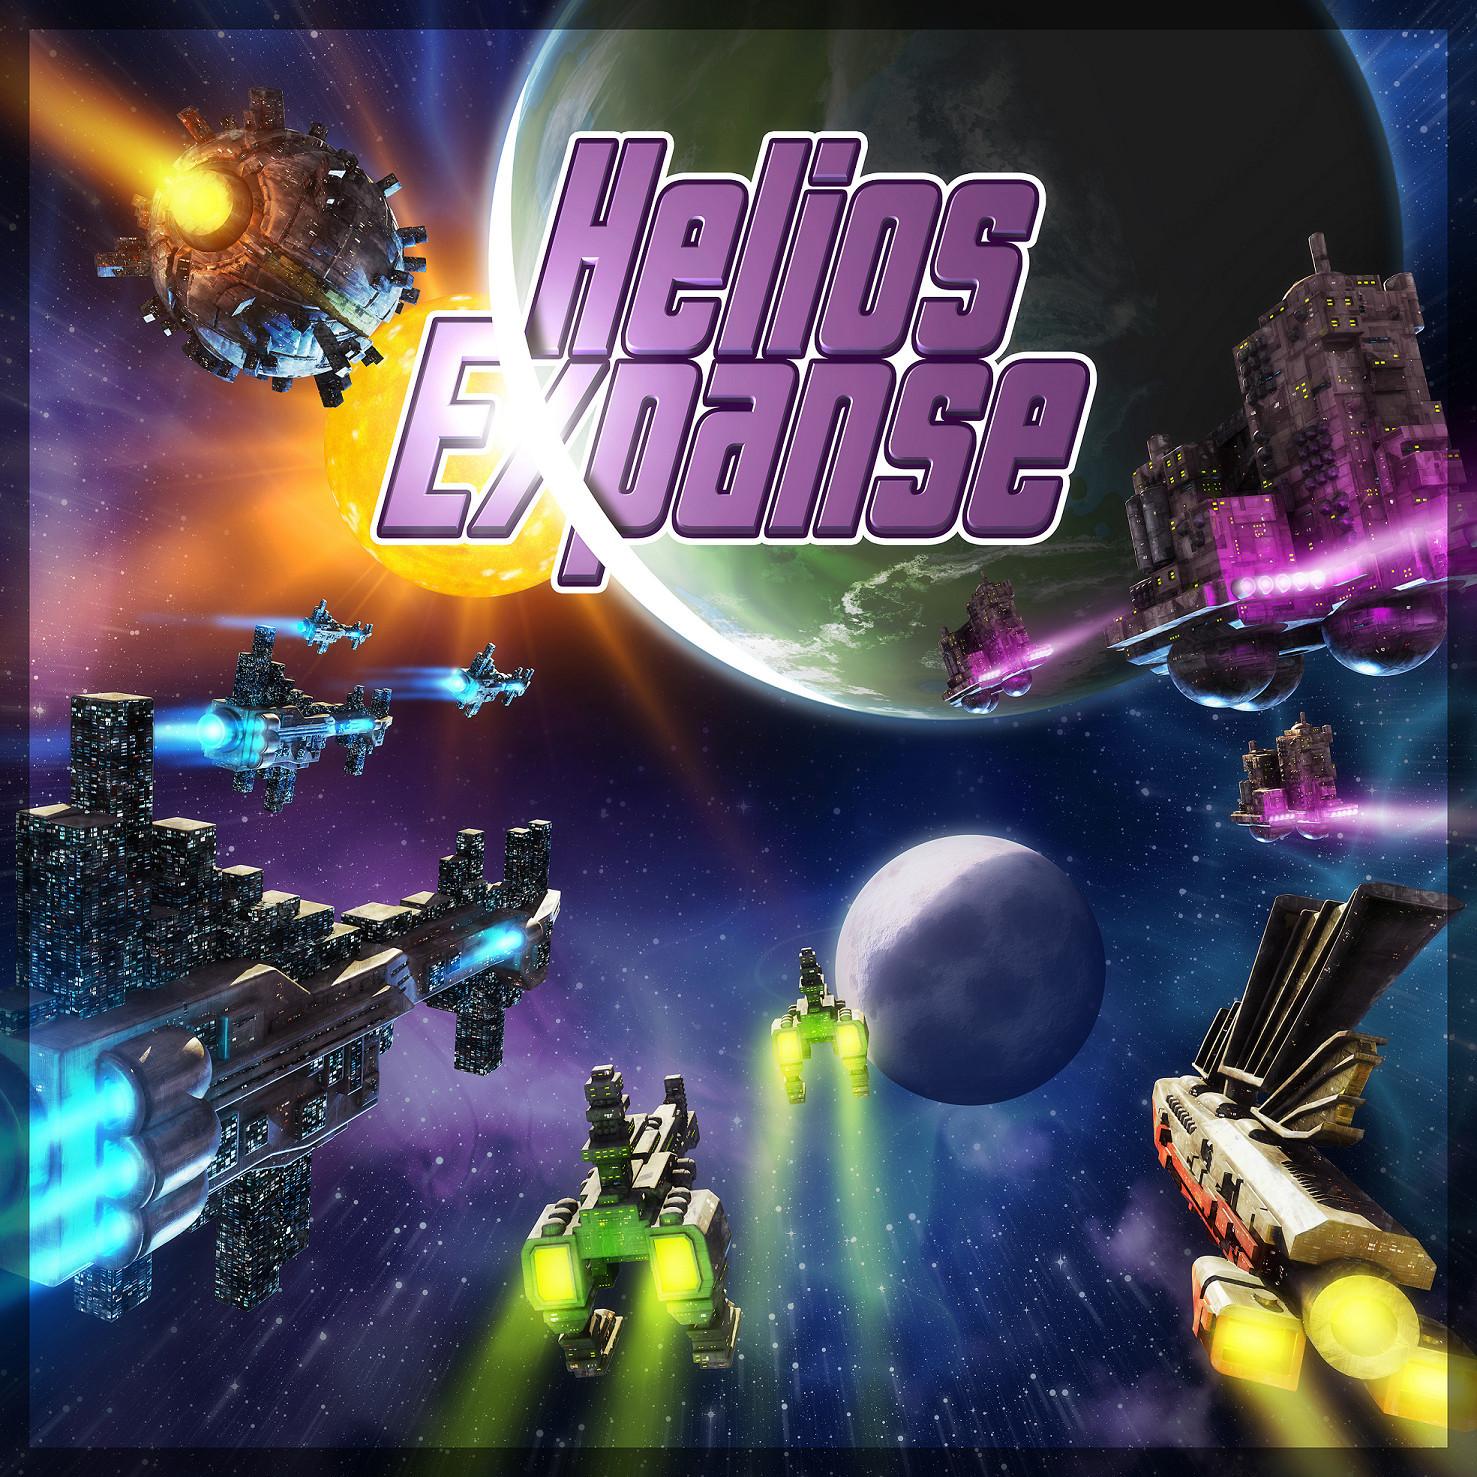 Helios Expanse image